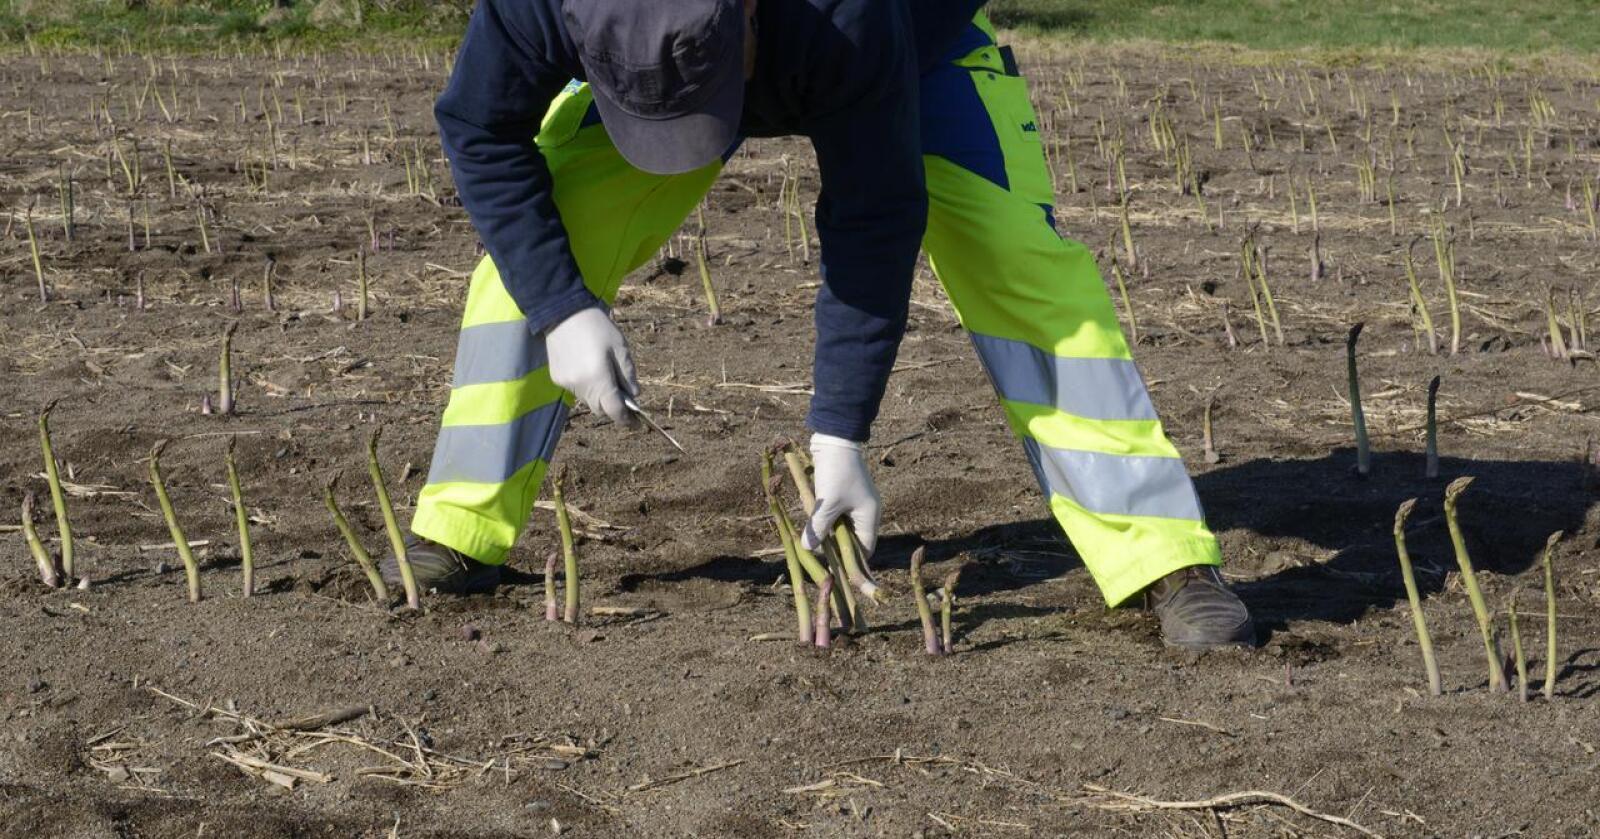 Høsting av grønn asparges. Illustrasjonsfoto